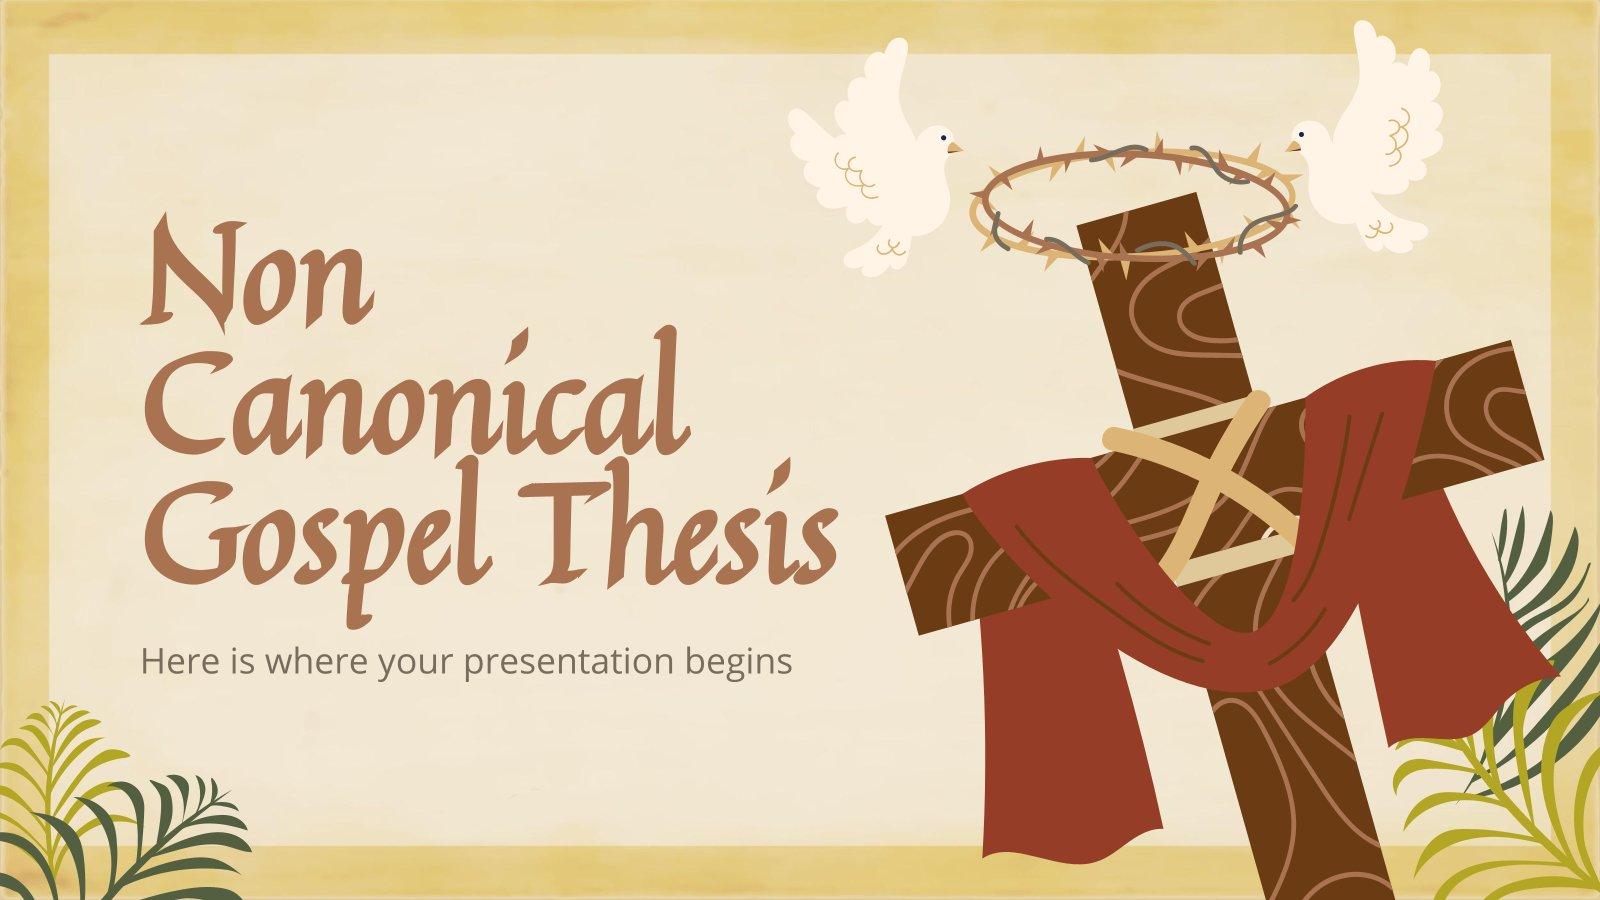 Plantilla de presentación Tesis sobre los Evangelios apócrifos